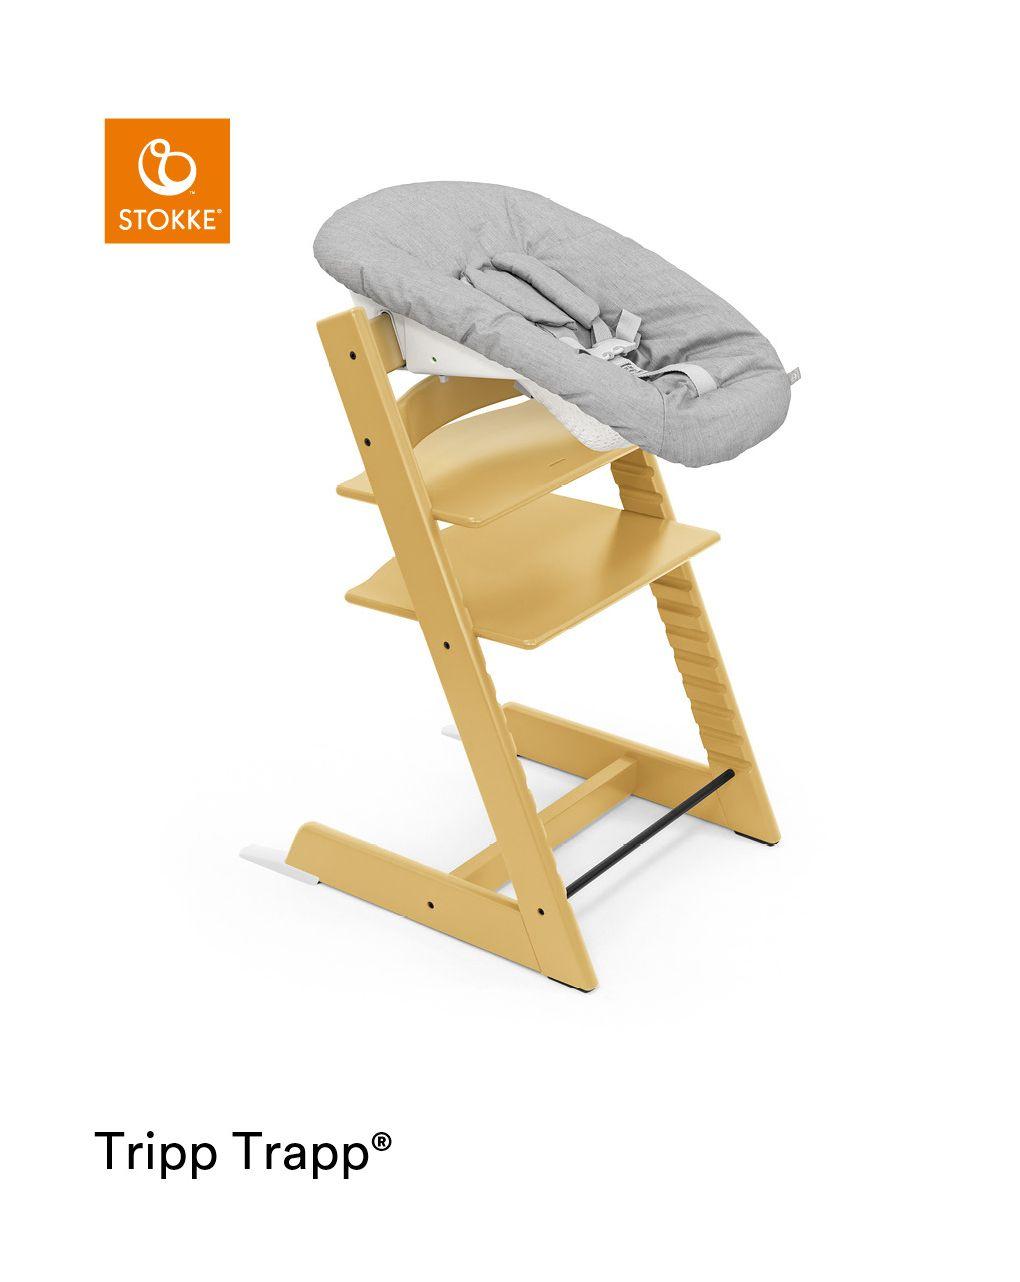 Tripp trapp®. la sedia che cresce con il bambino.™ una sedia per tutta la vita. - Stokke